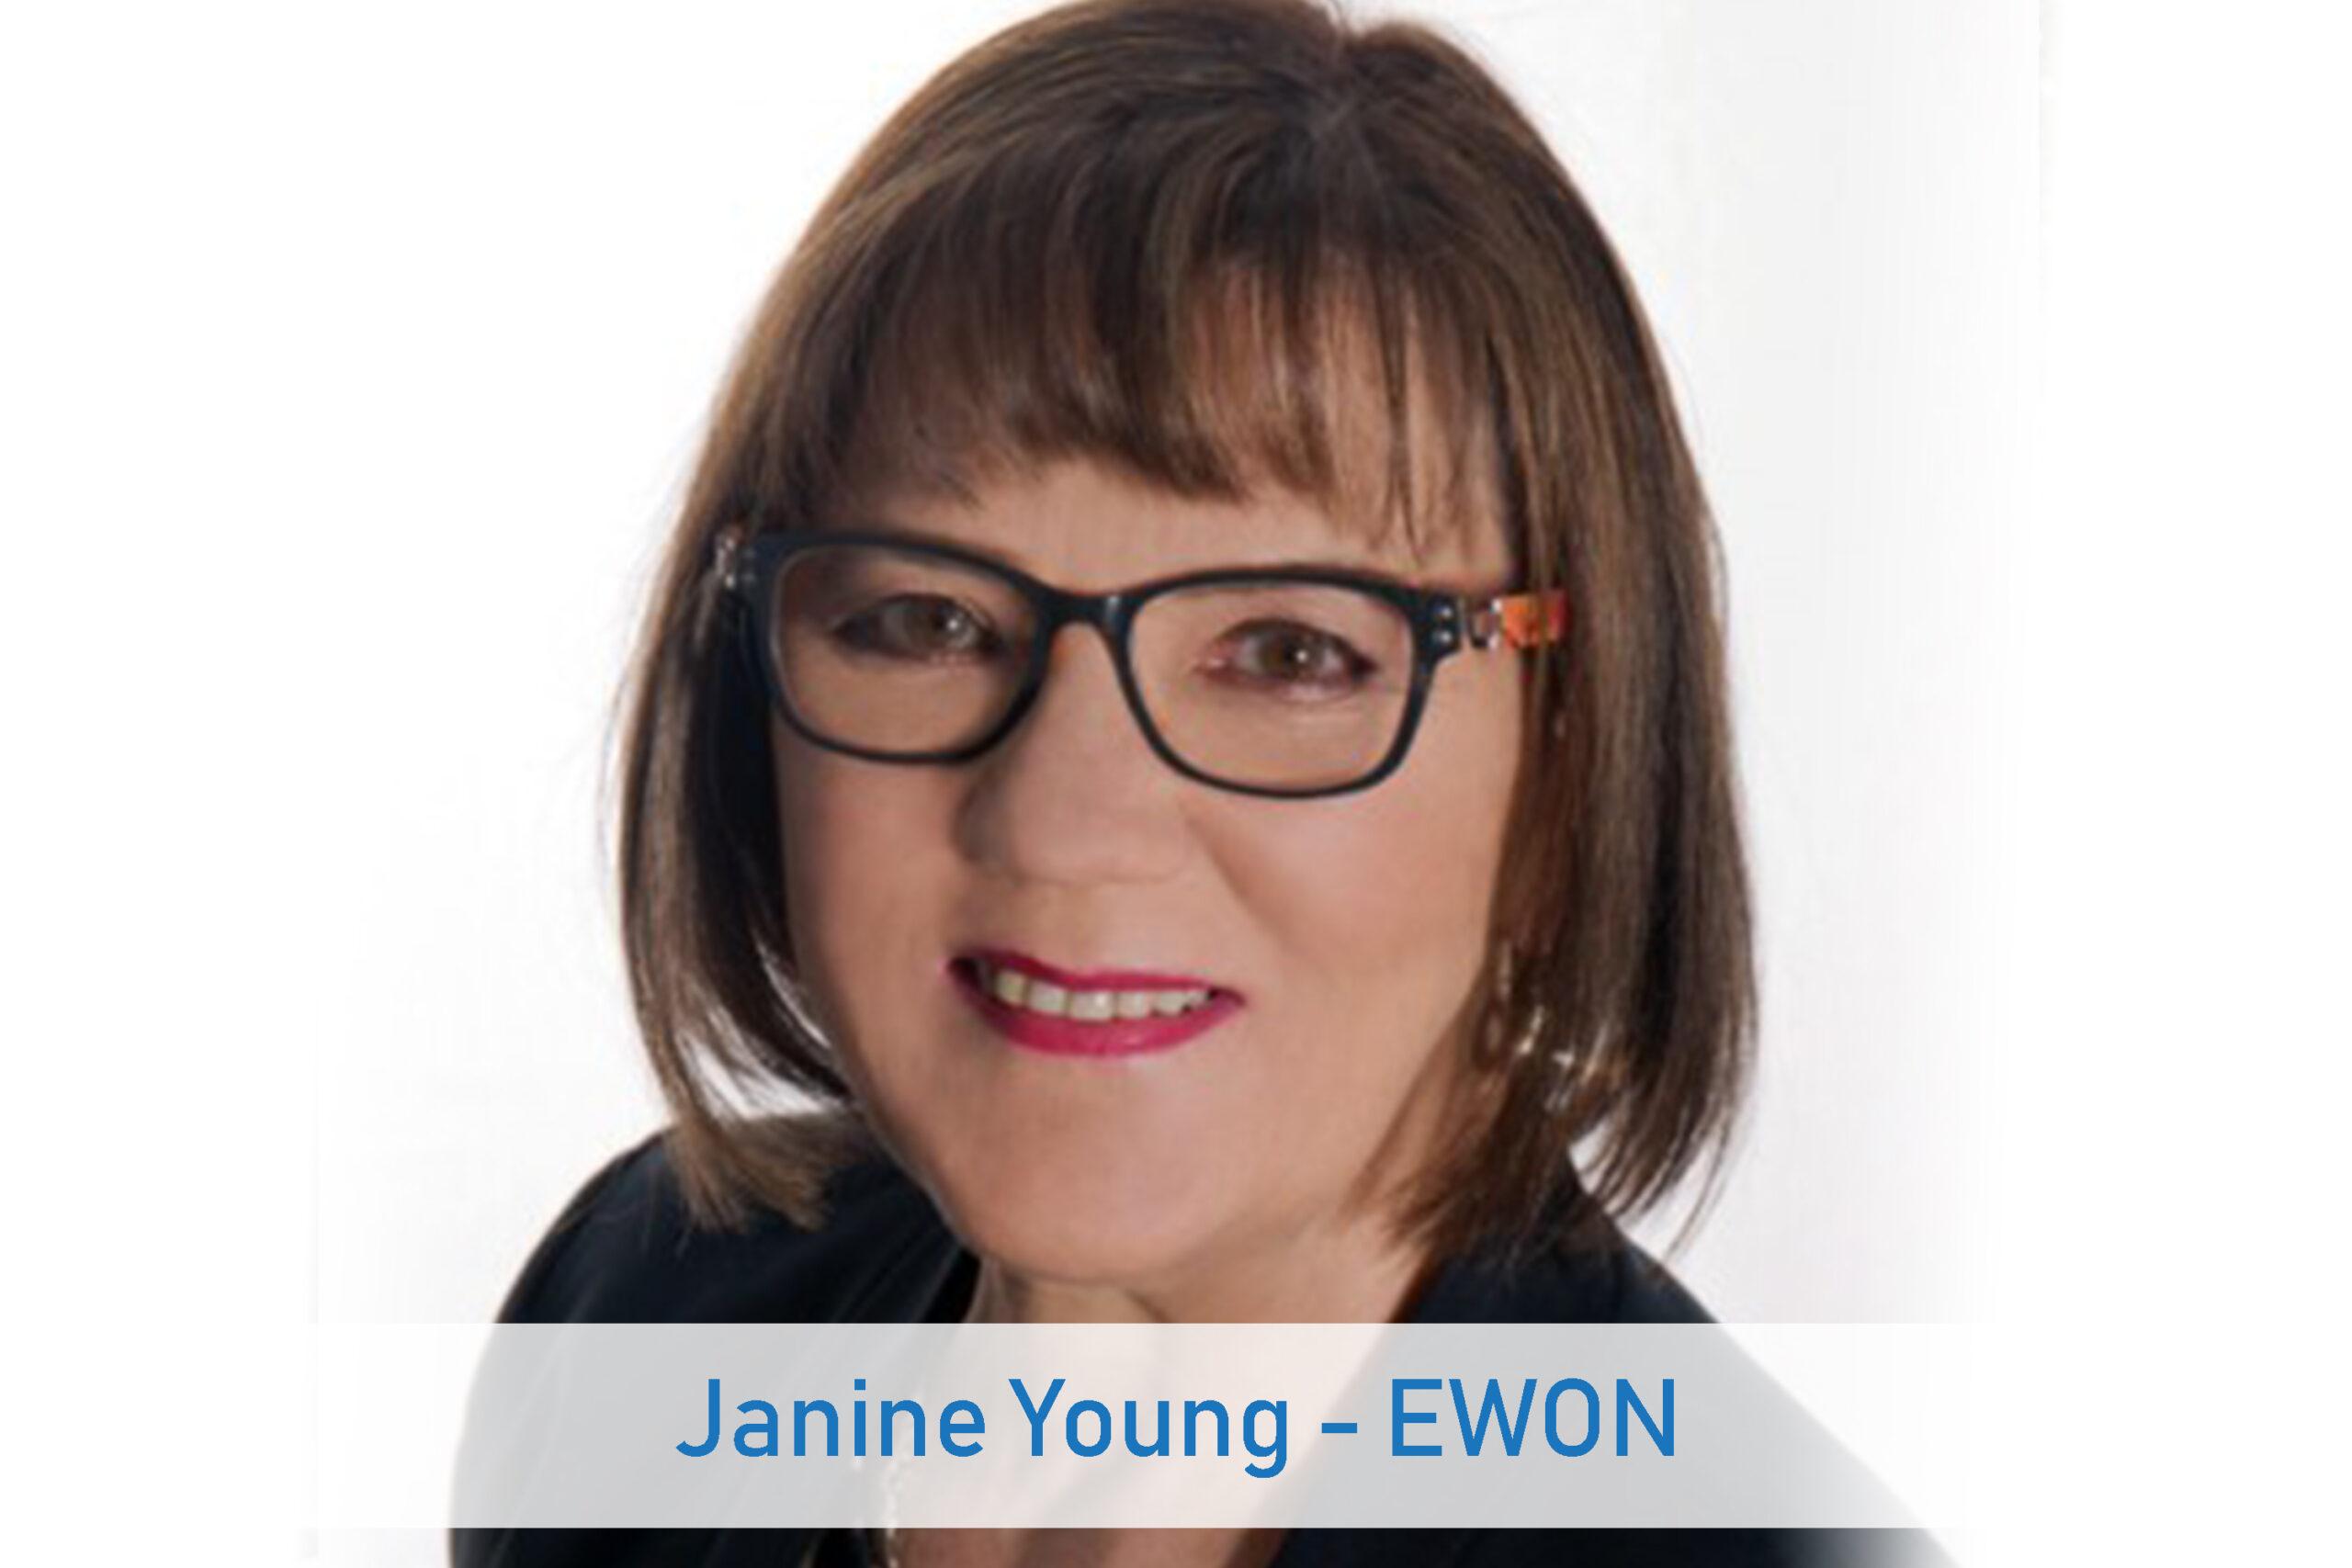 Janine-Young-april-edm